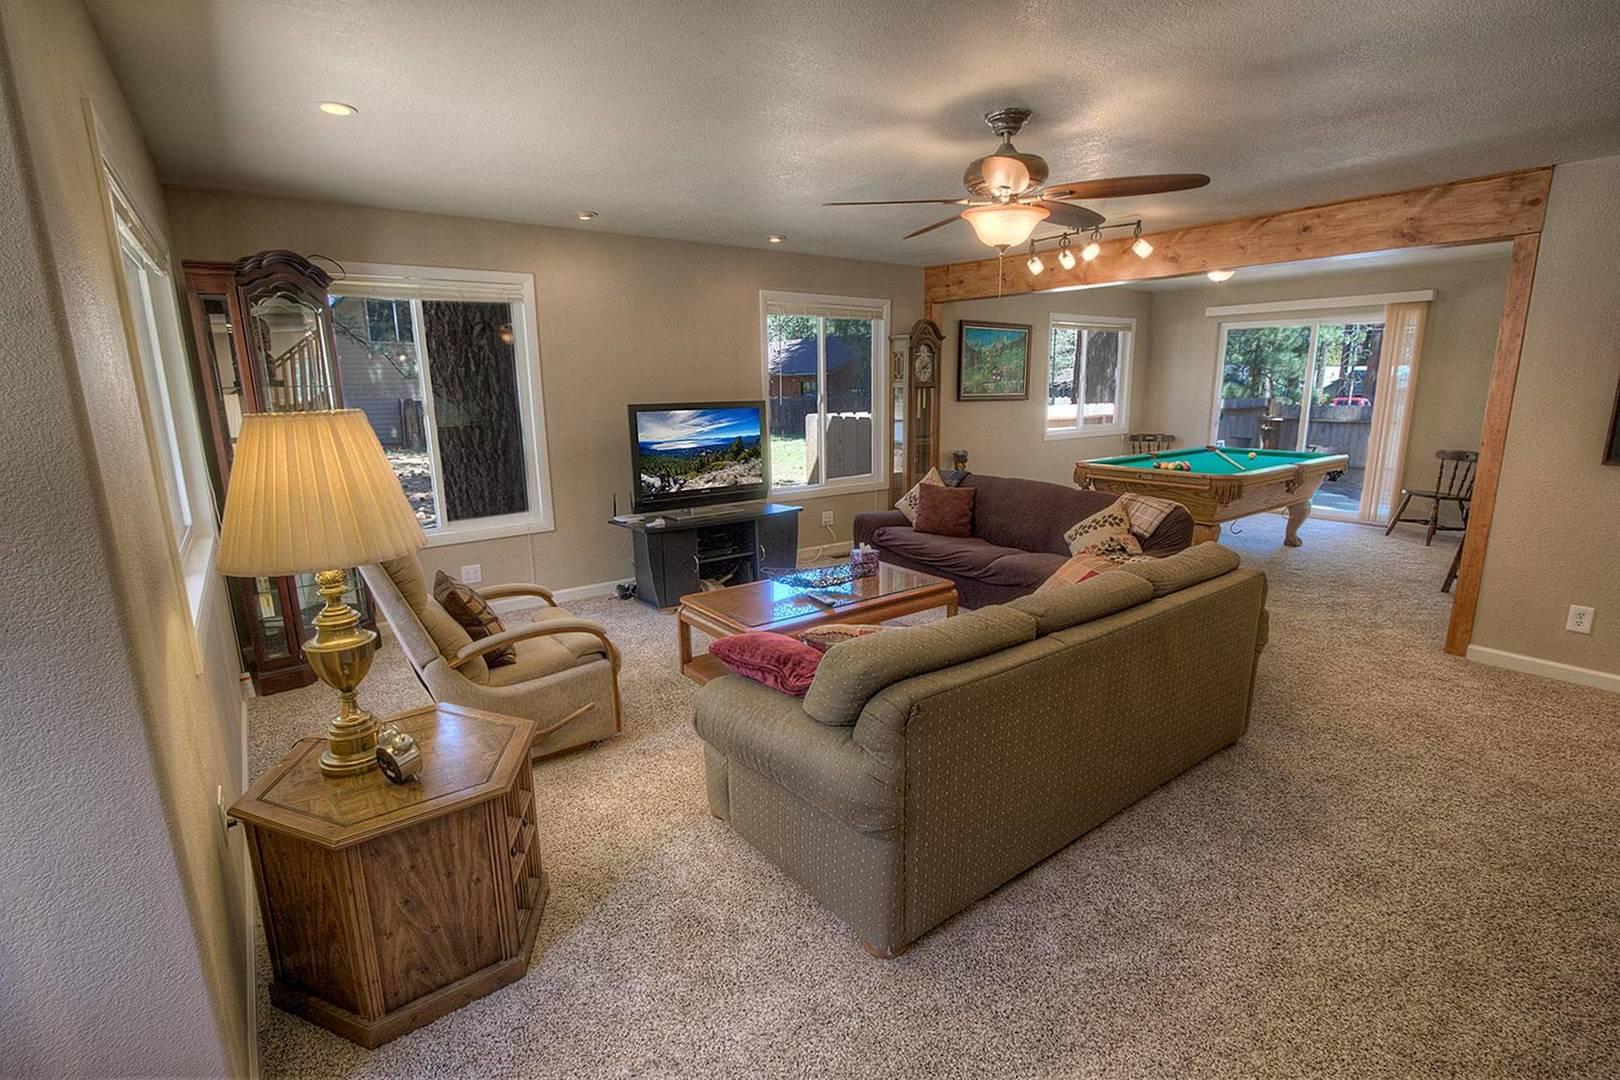 cyh1098 living room